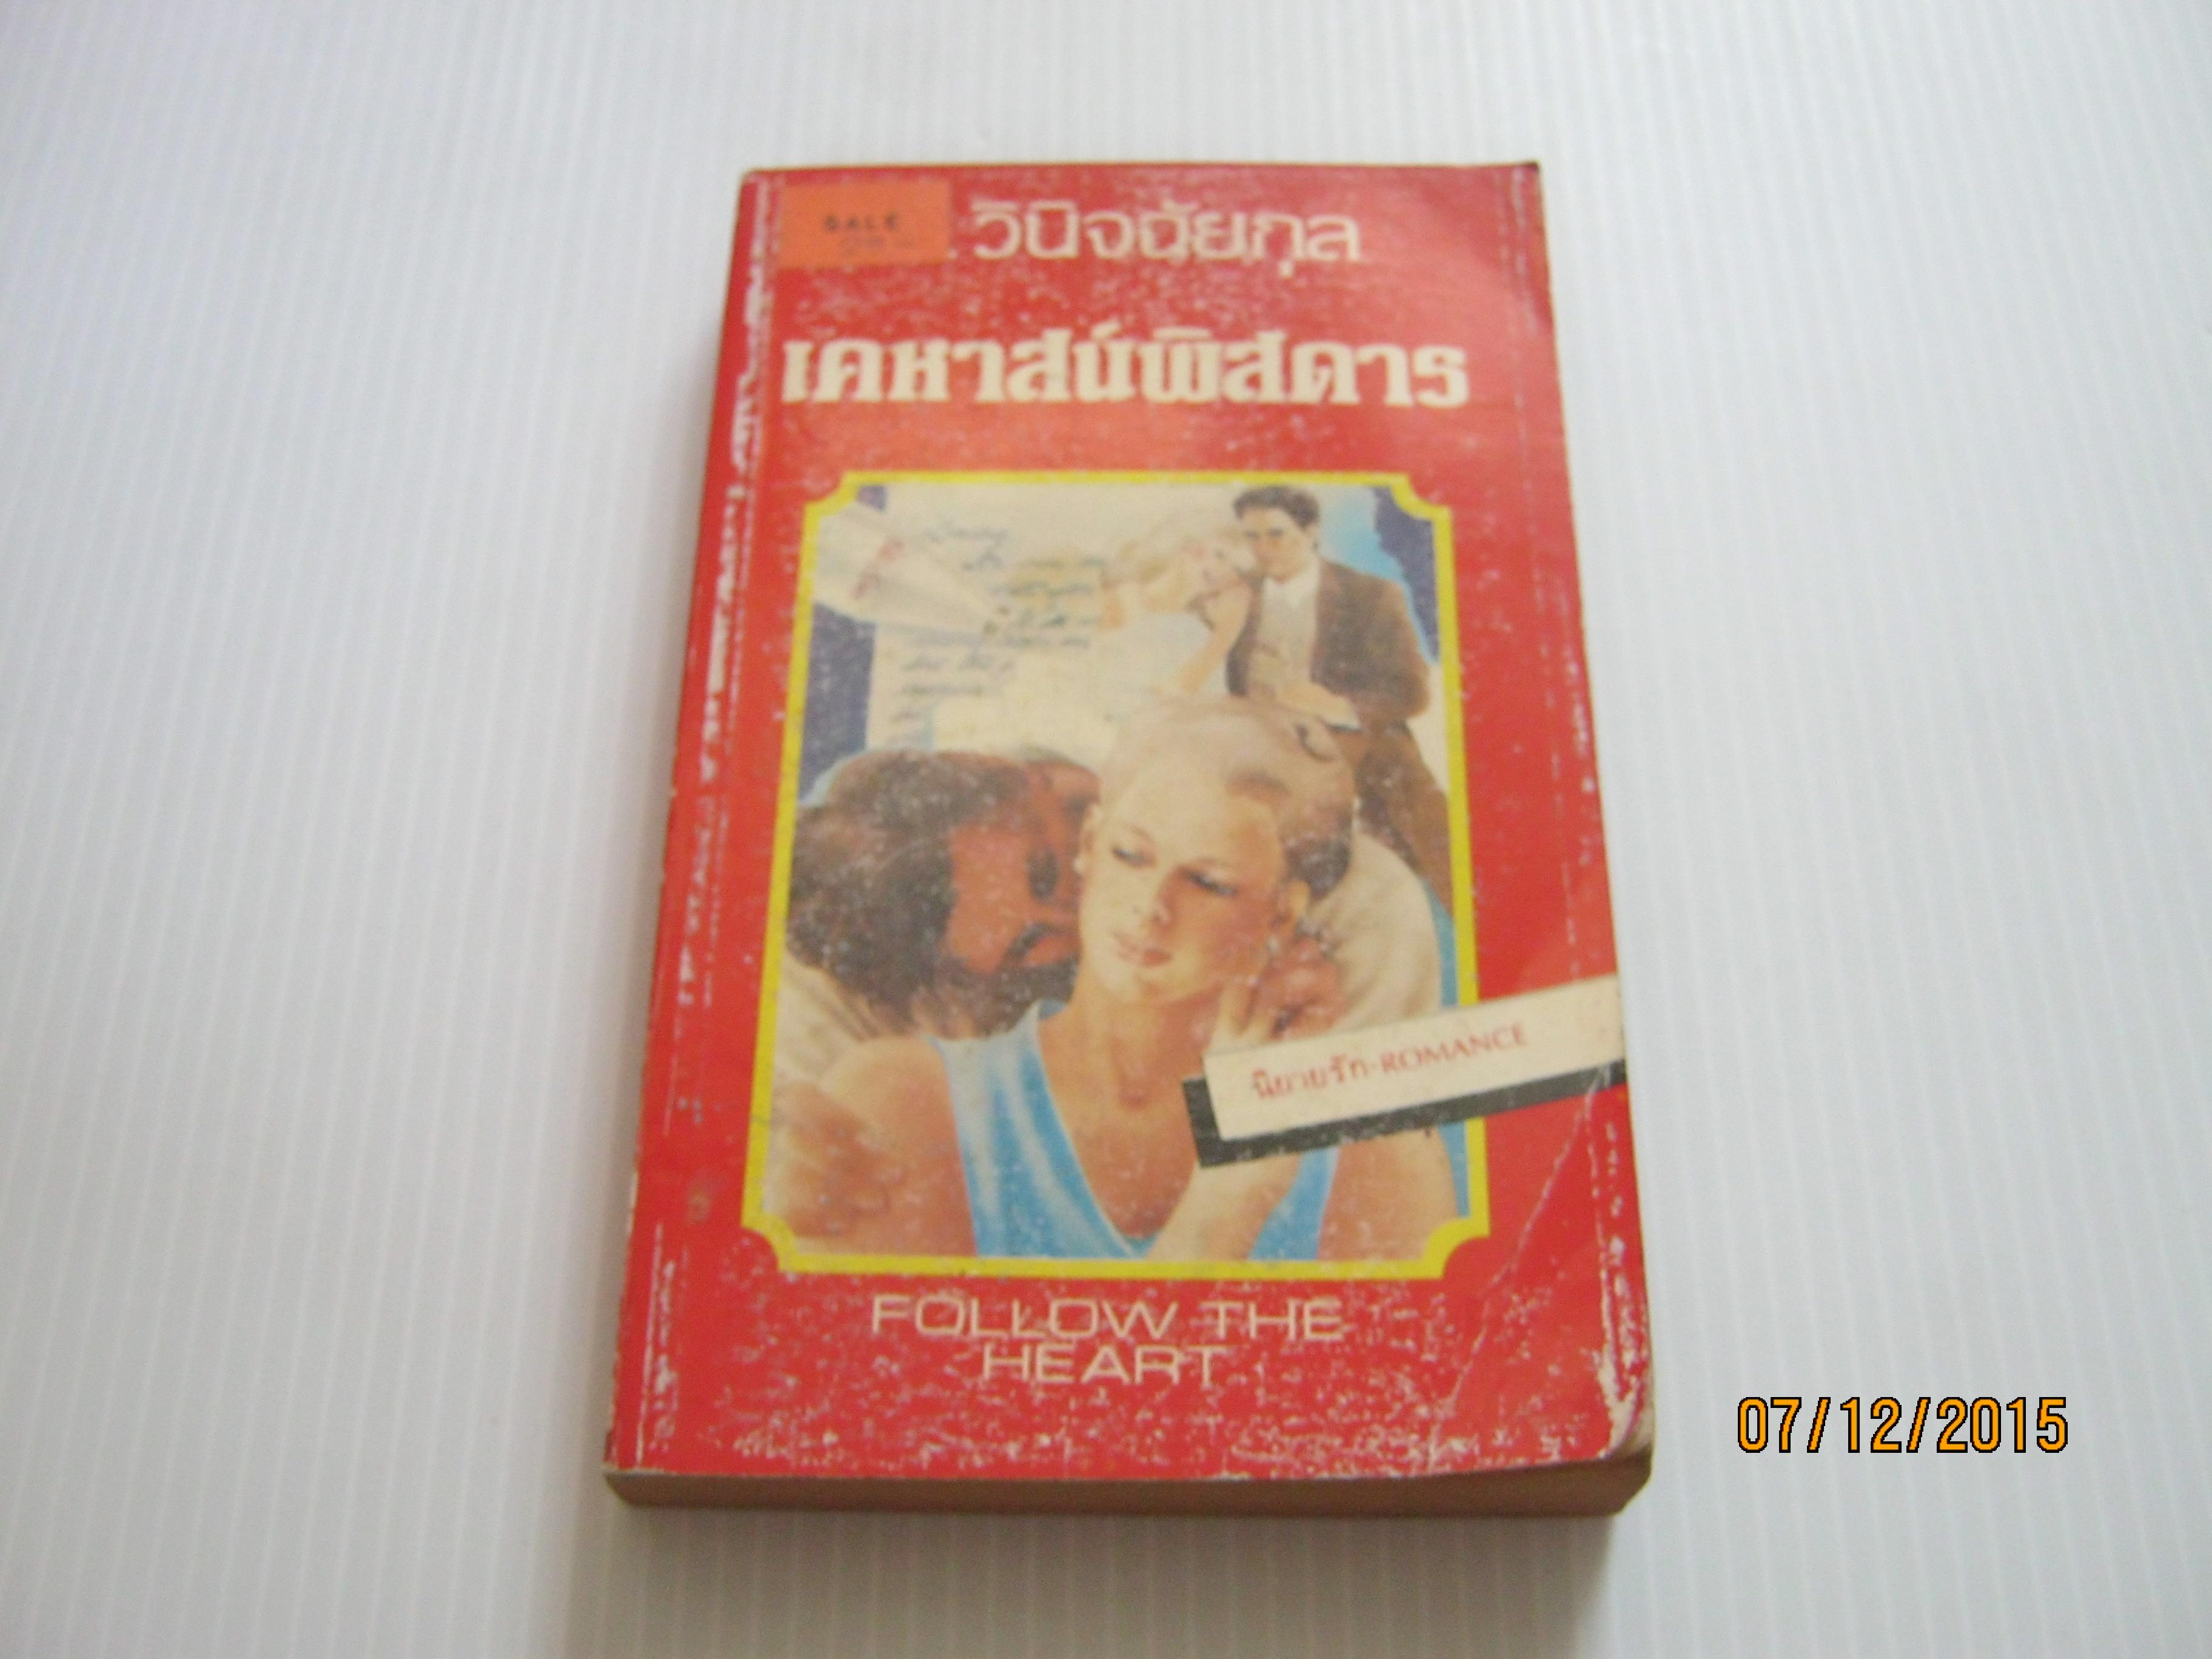 เคหาสน์พิสดาร (Follow The Heart) Heather Sinclair เขียน ว.วินิจฉัยกุล แปล